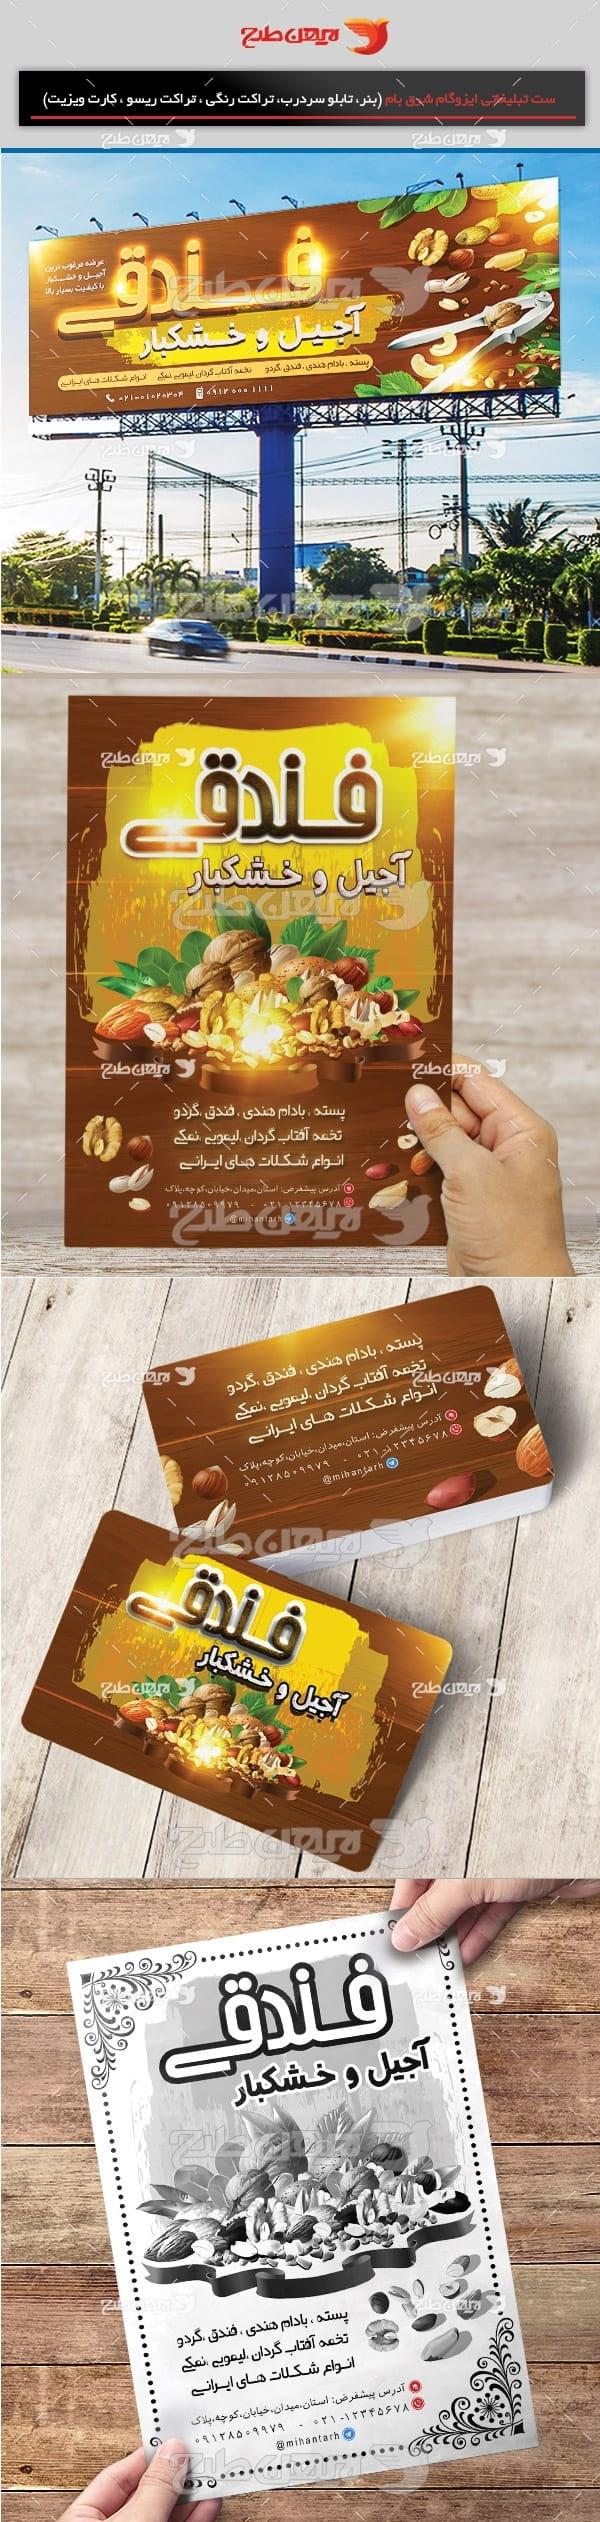 ست تبلیغاتی فروشگاه آجیل و خشکبار